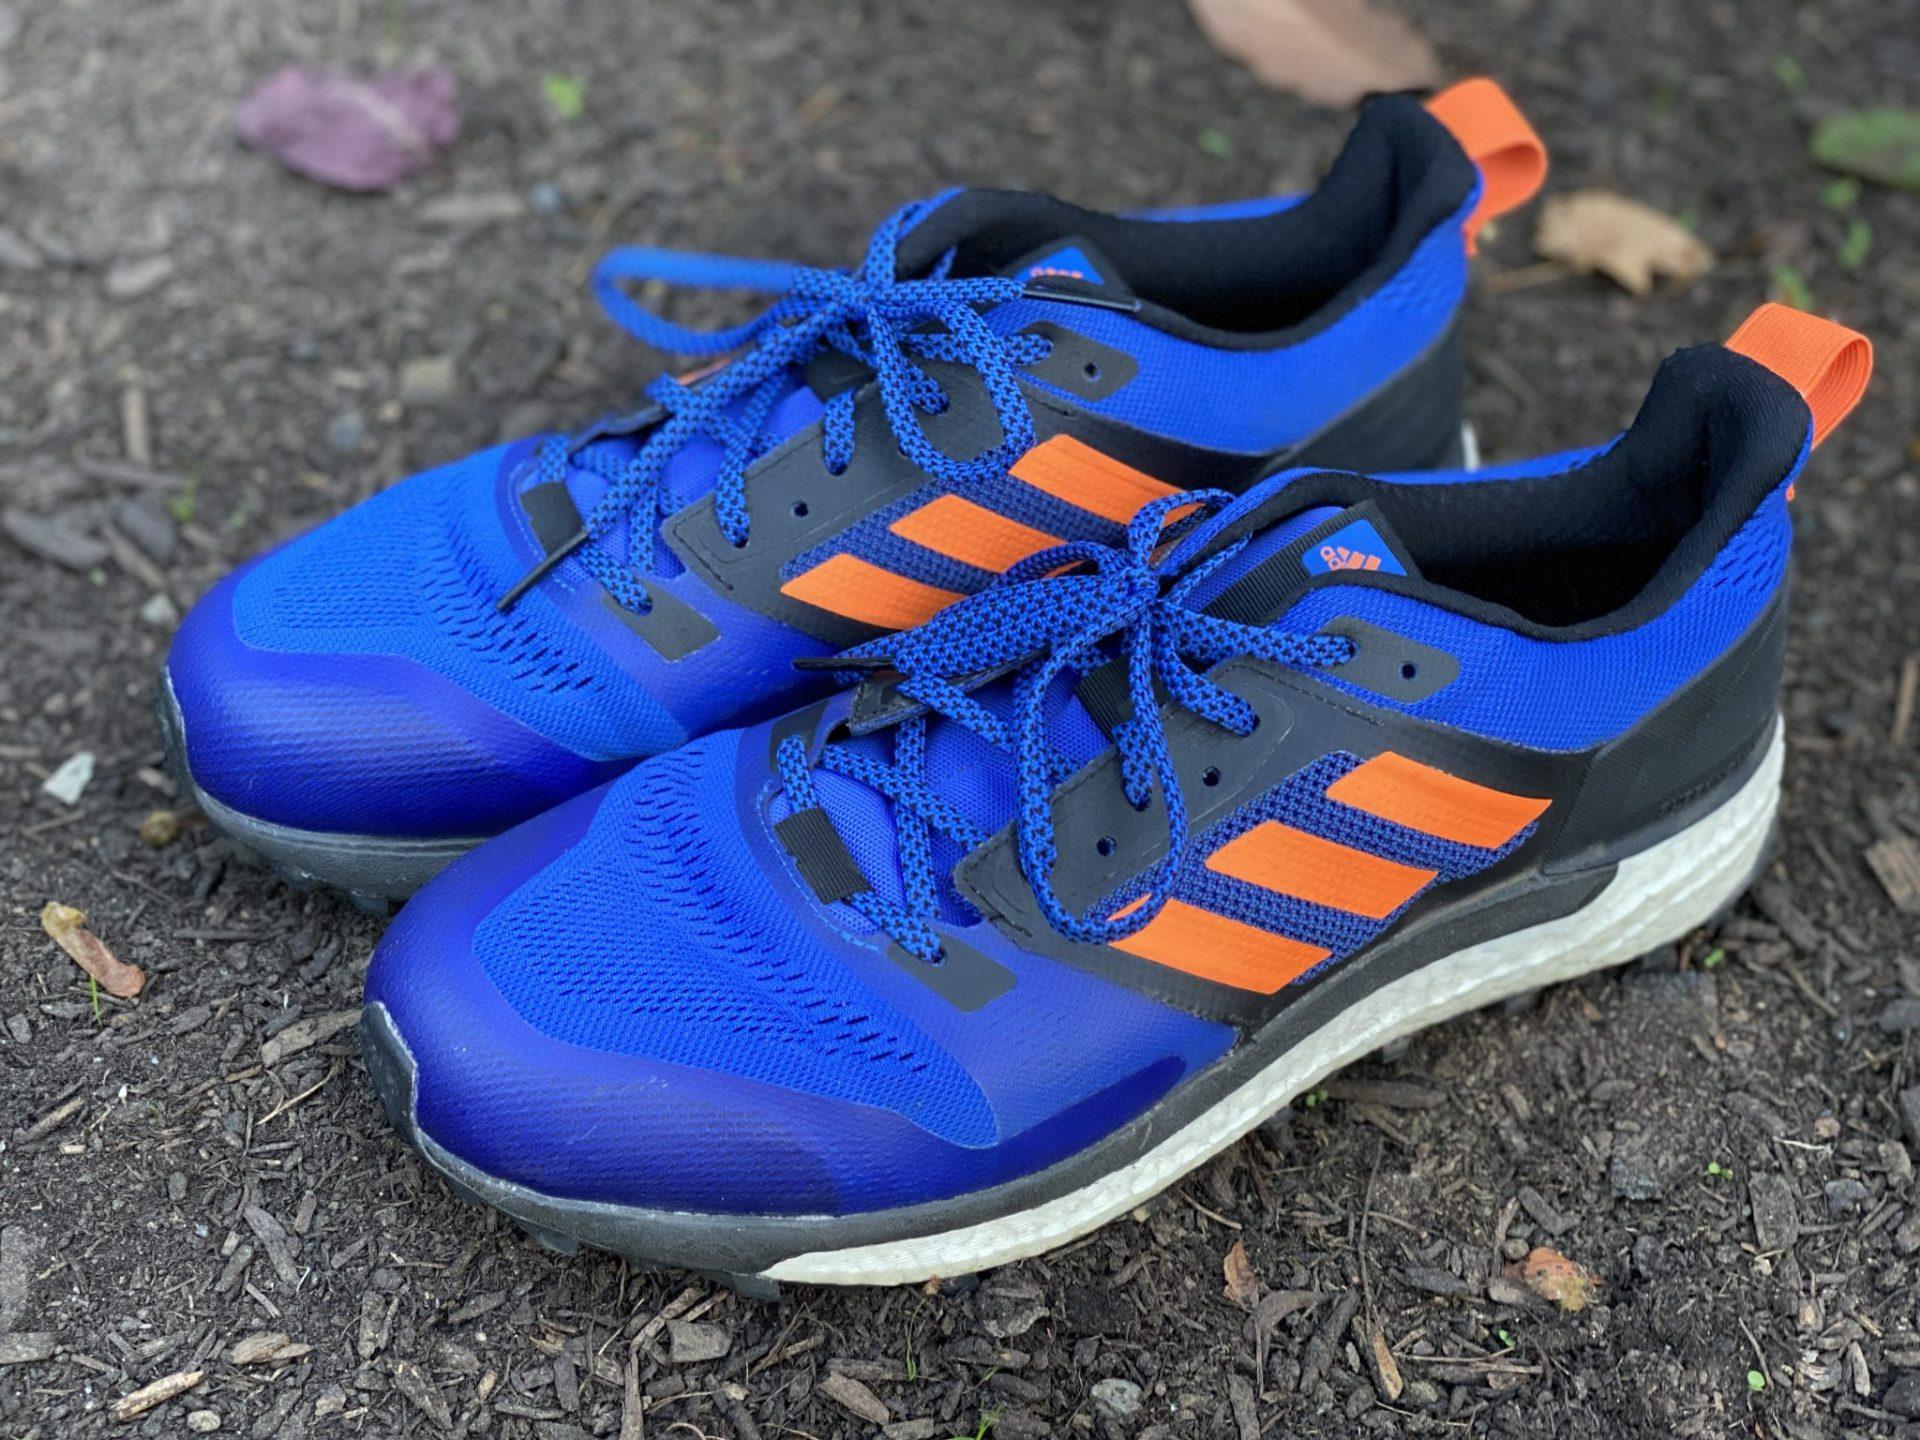 Adidas Outdoor Supernova Trail Review